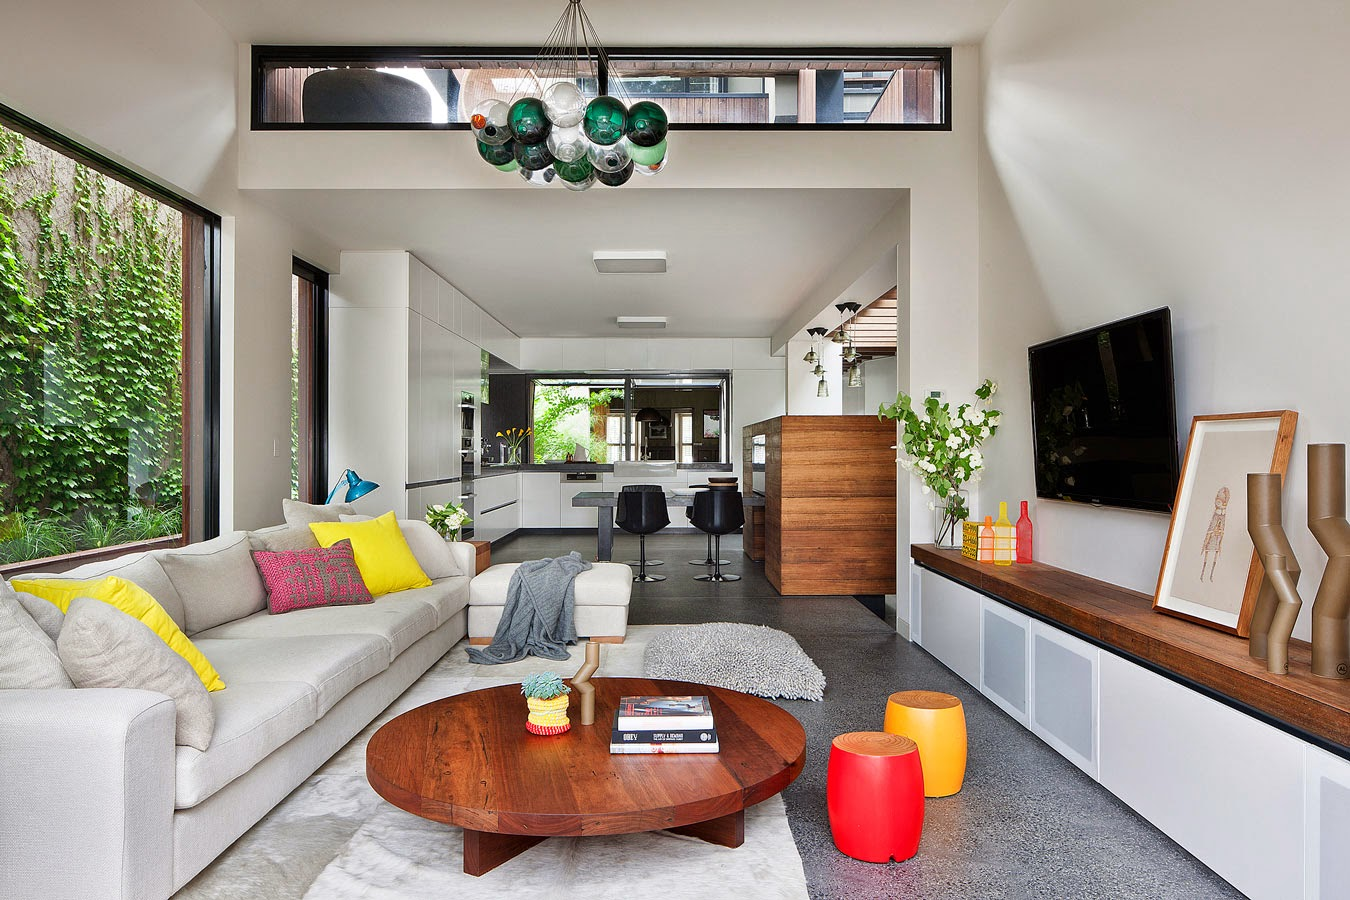 Rehabilitaci n de una casa antigua con aspecto moderno en Interiores de casas modernas 2015